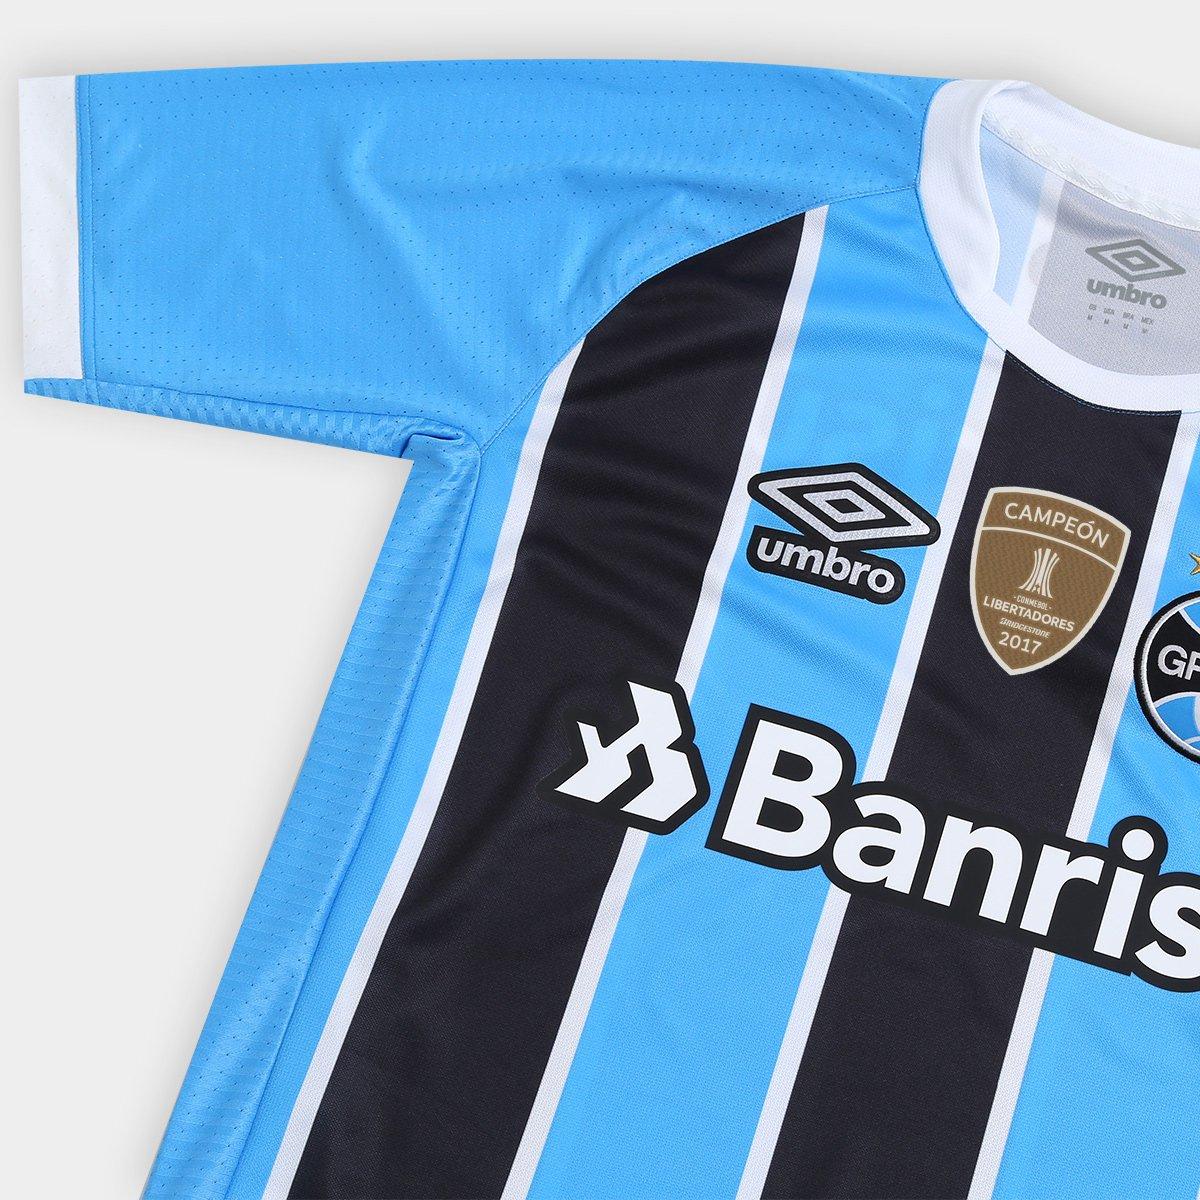 254902a09e ... Camisa Umbro Grêmio I 17 18 S Nº - Torcedor - Patch Campeão libertadores